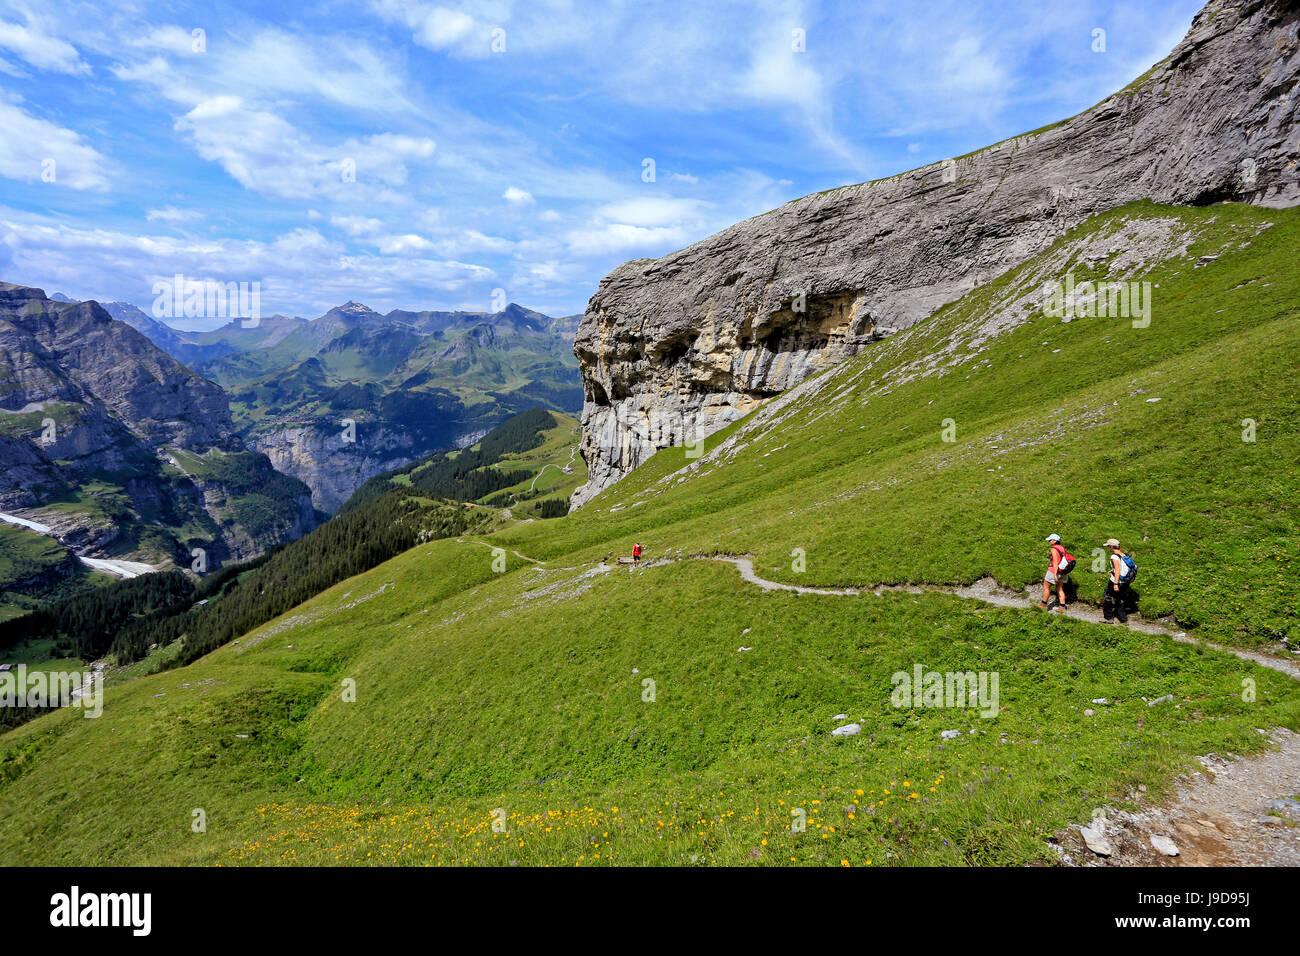 Los excursionistas en Kleine Scheidegg, Grindelwald, en el Oberland bernés en Suiza, Europa Imagen De Stock